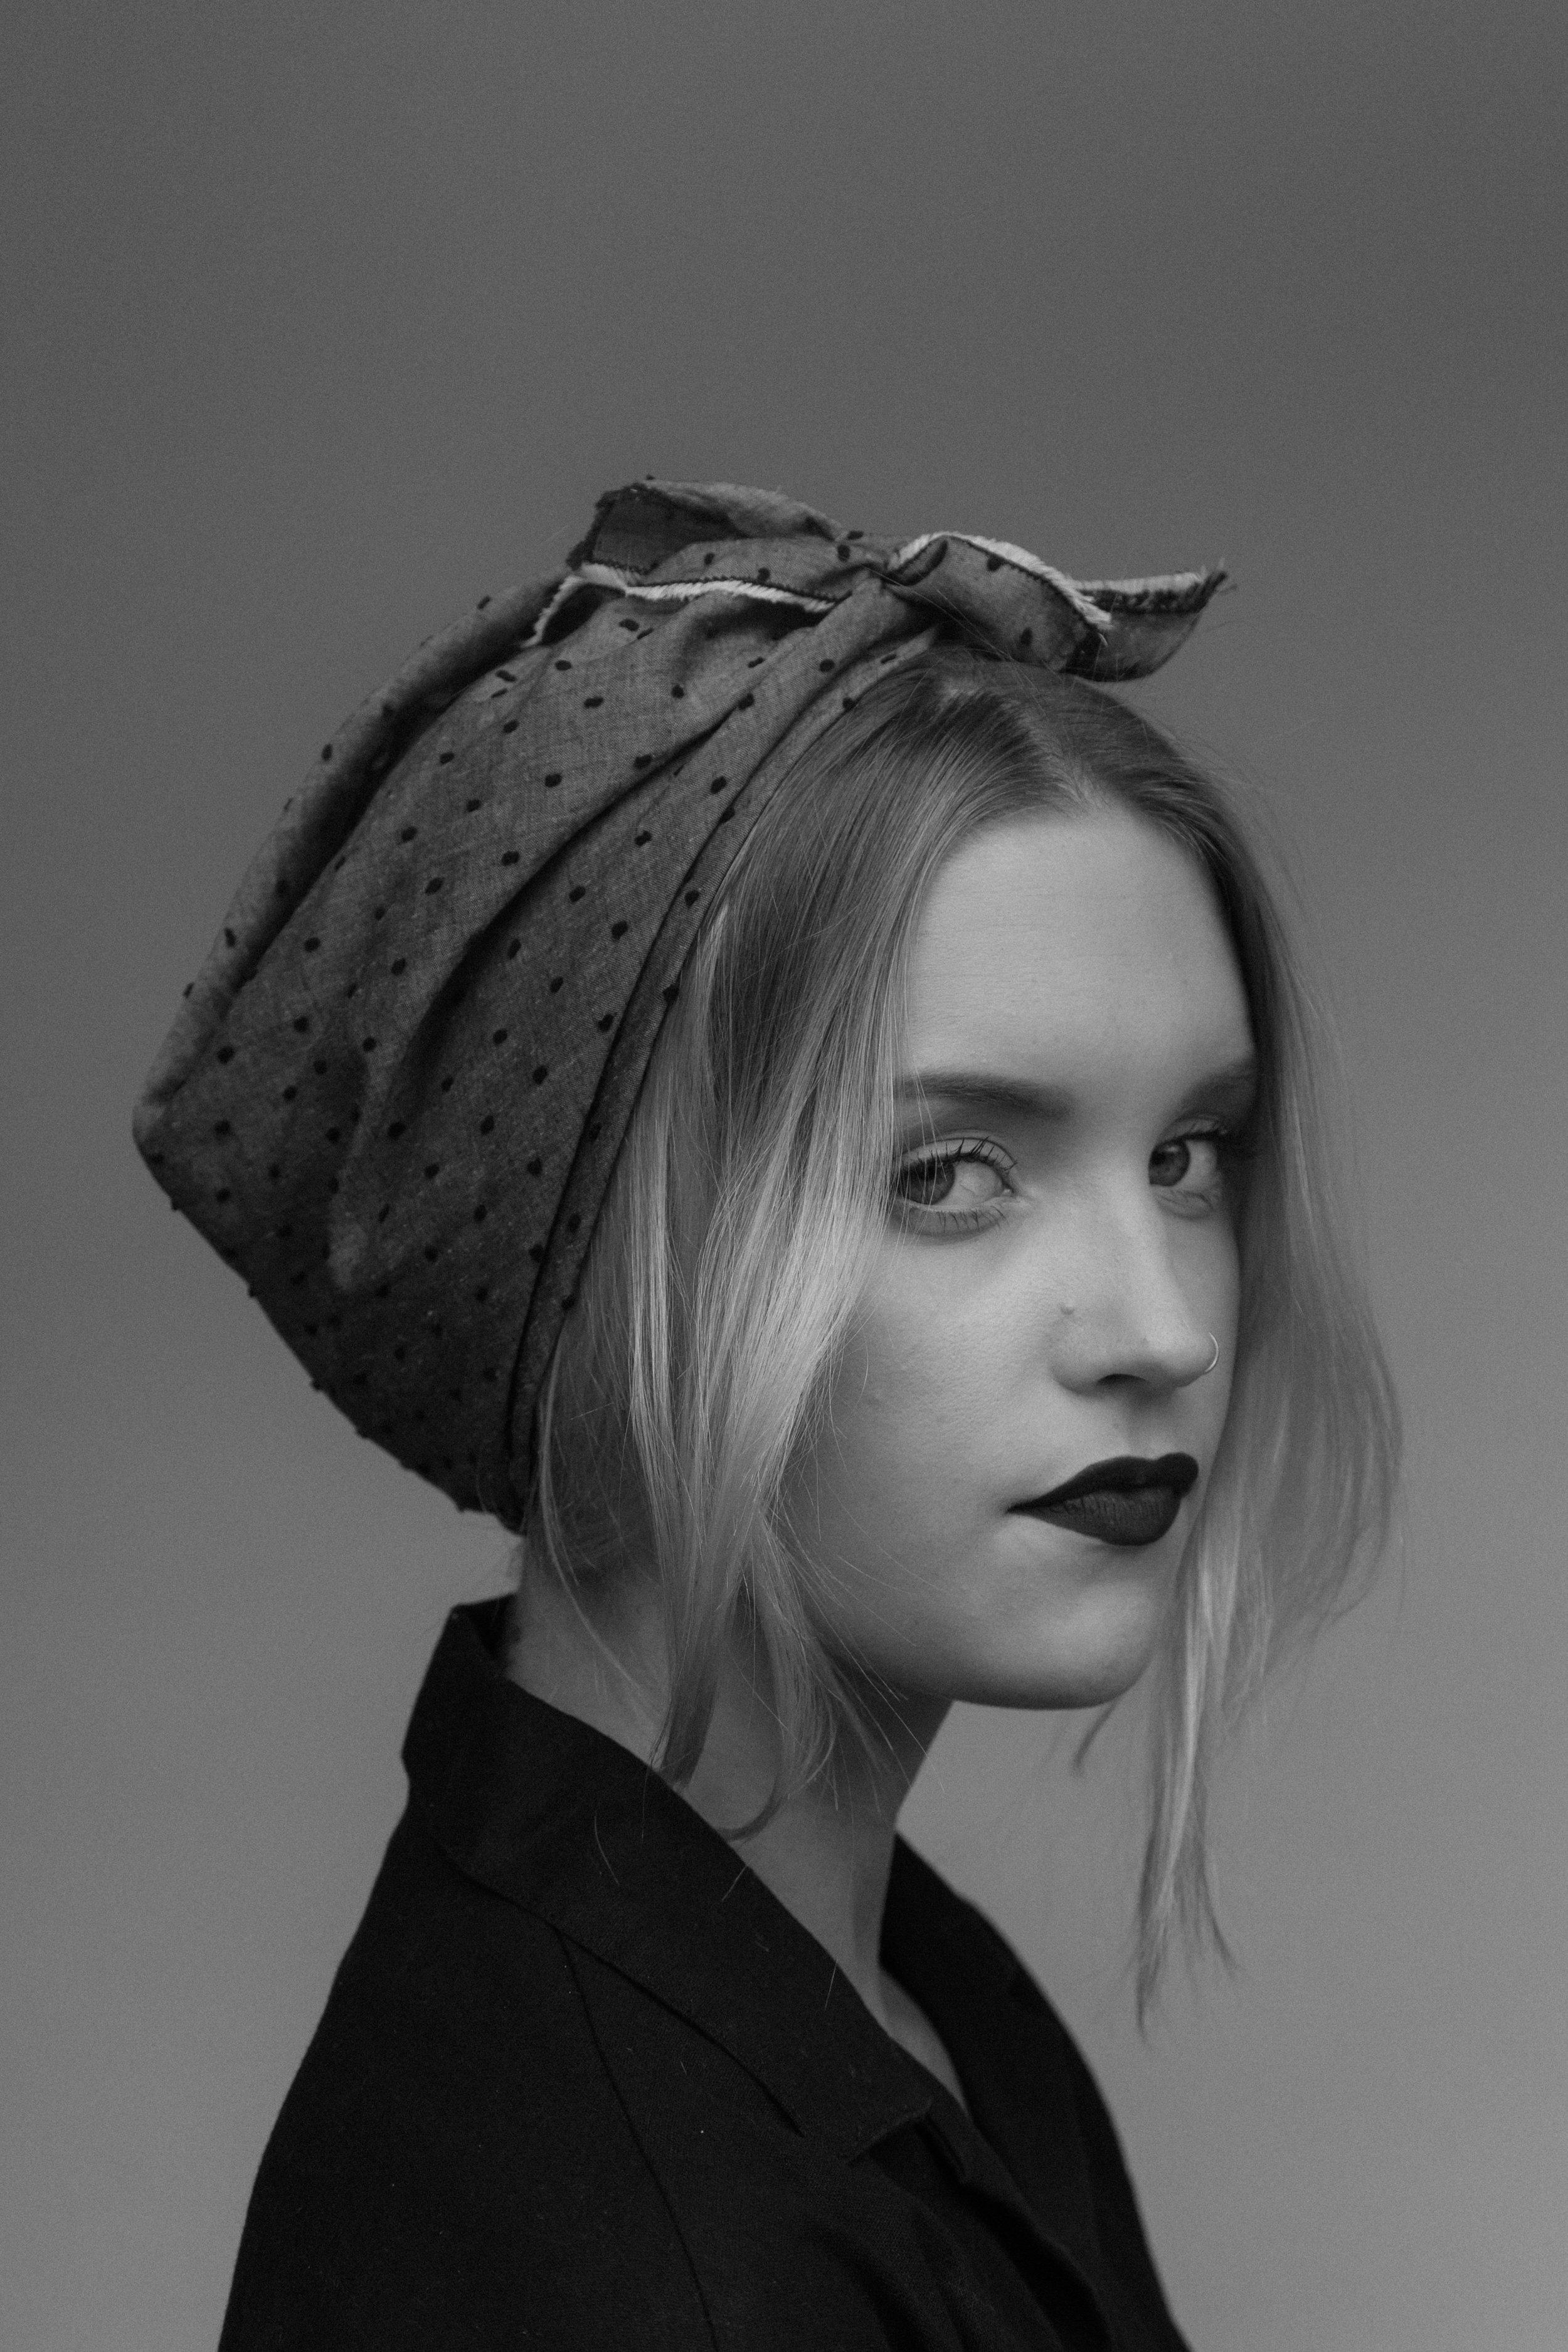 Annie-Made_Paisley_KD0A5811.jpg